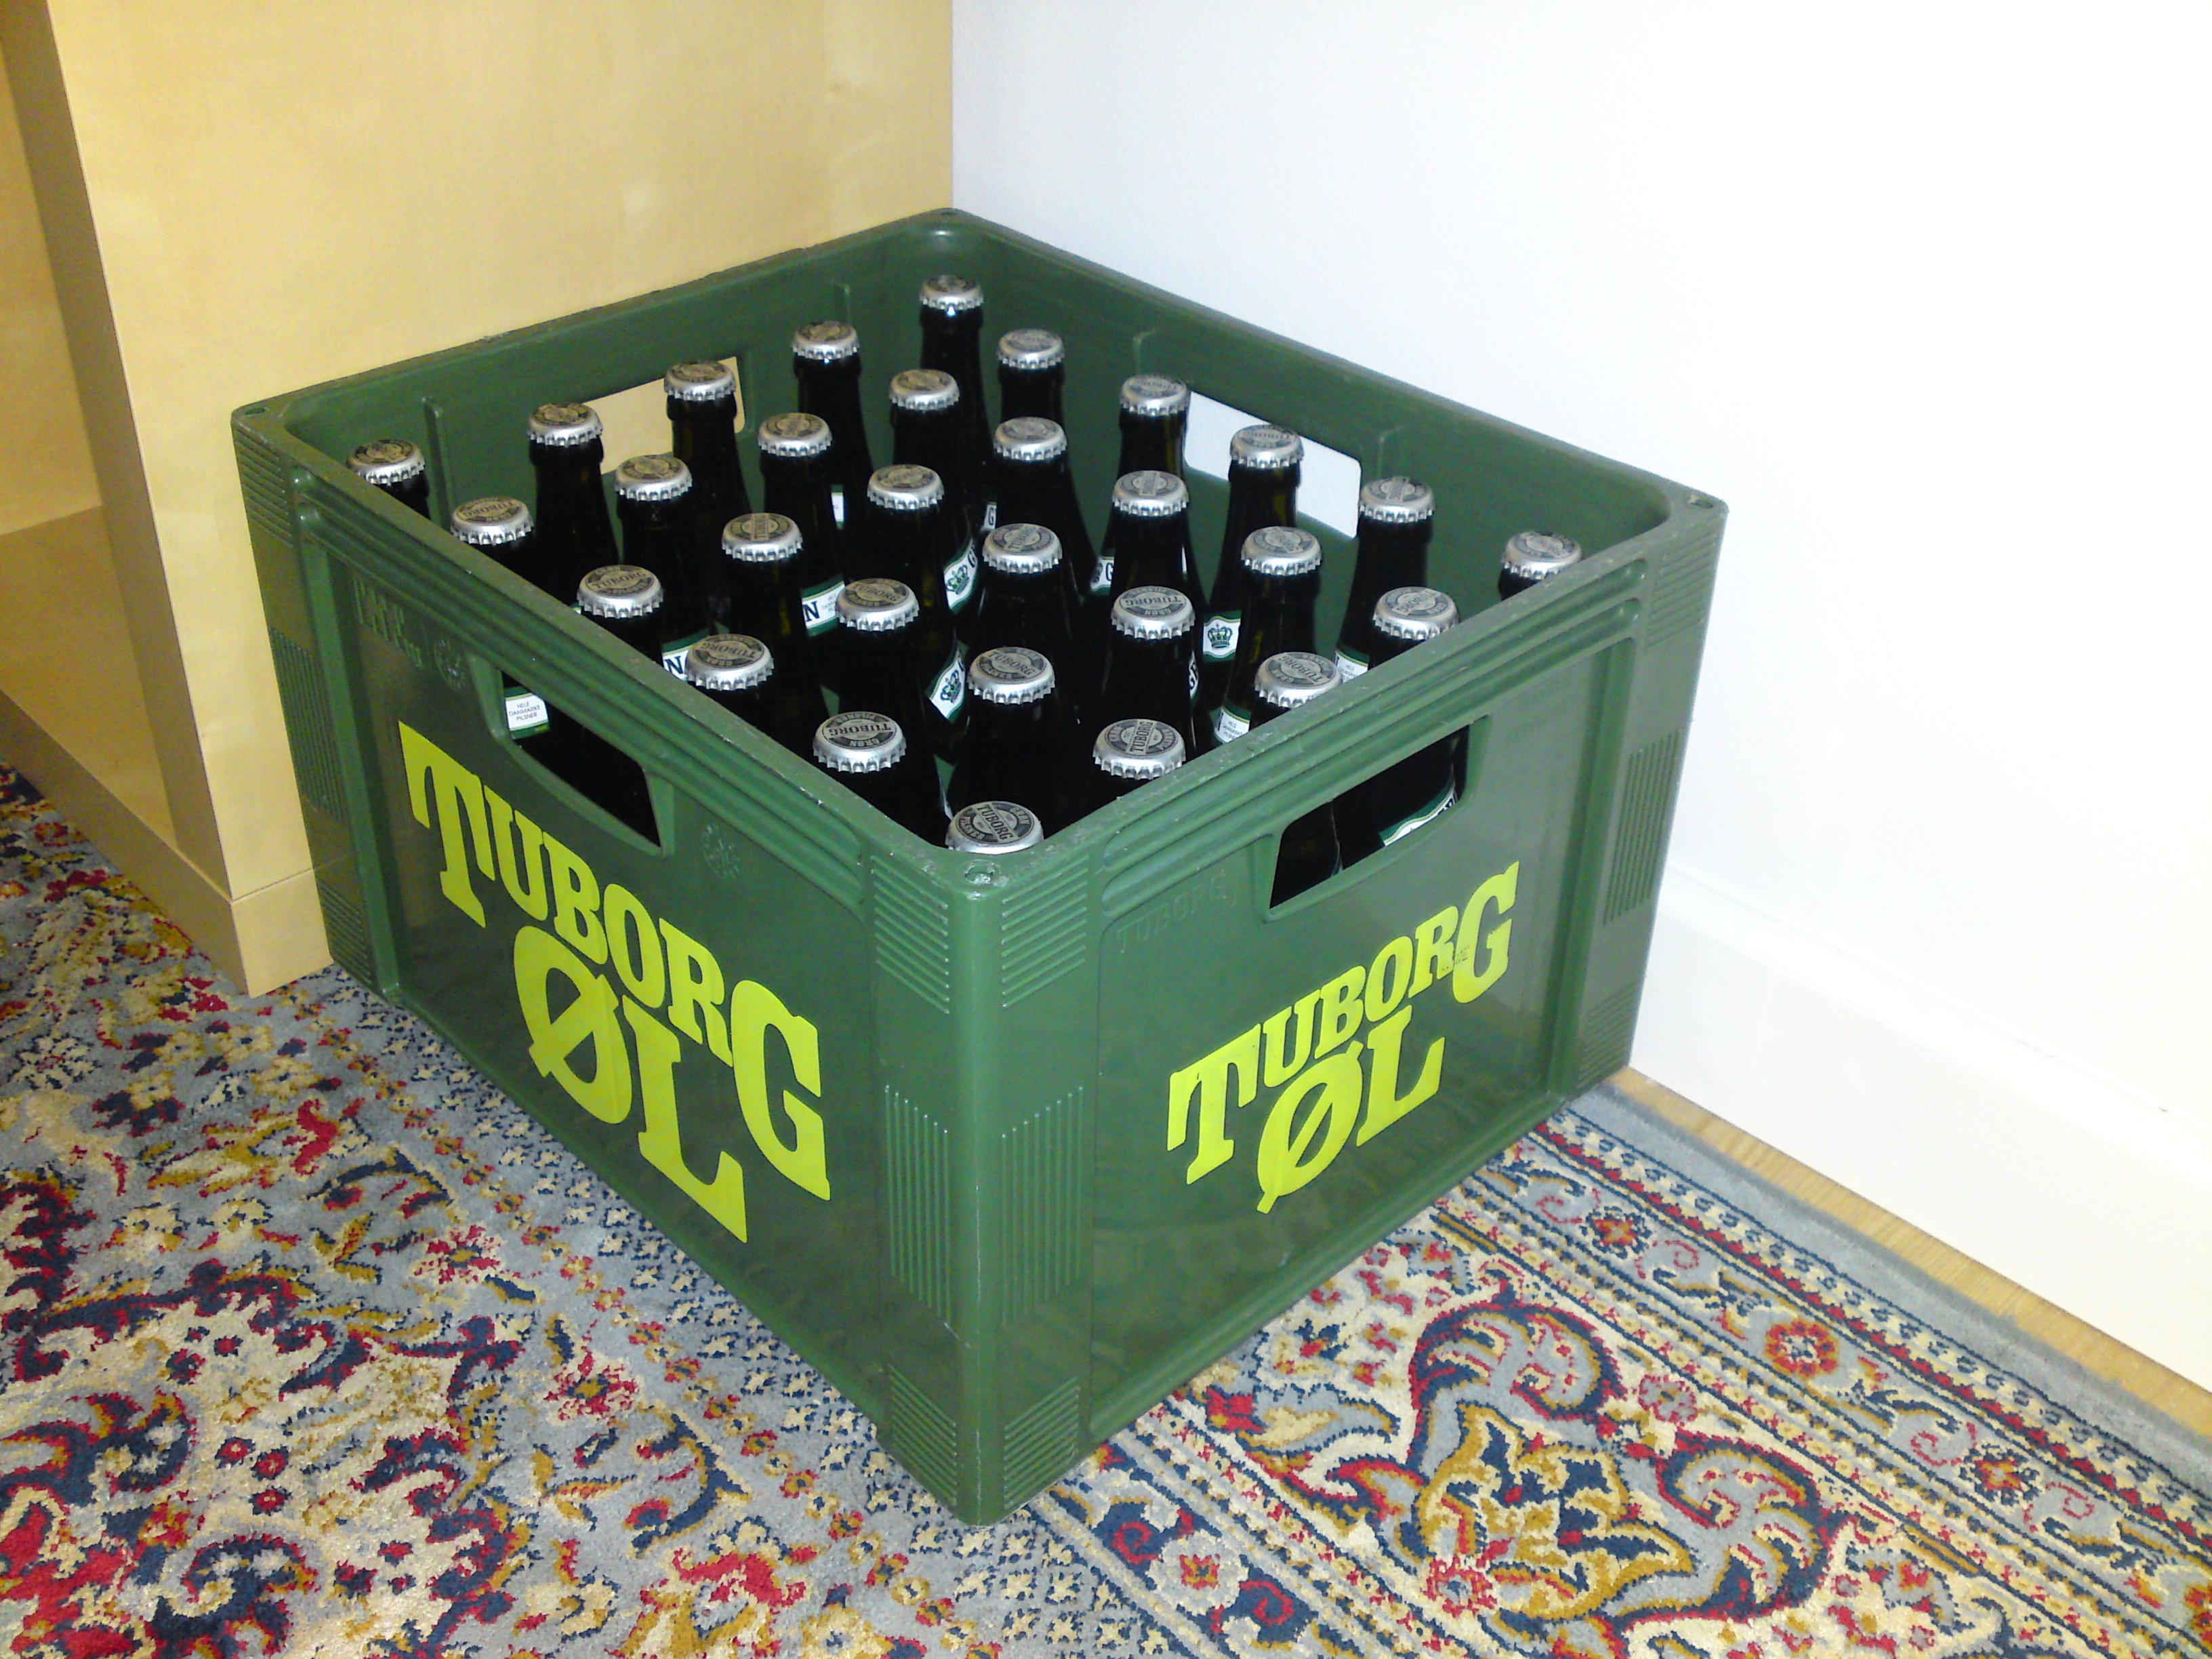 Cambio un buen videojuego por una foto de mis tetas/cerveza gratis/una cubana - Página 2 Dsc01036